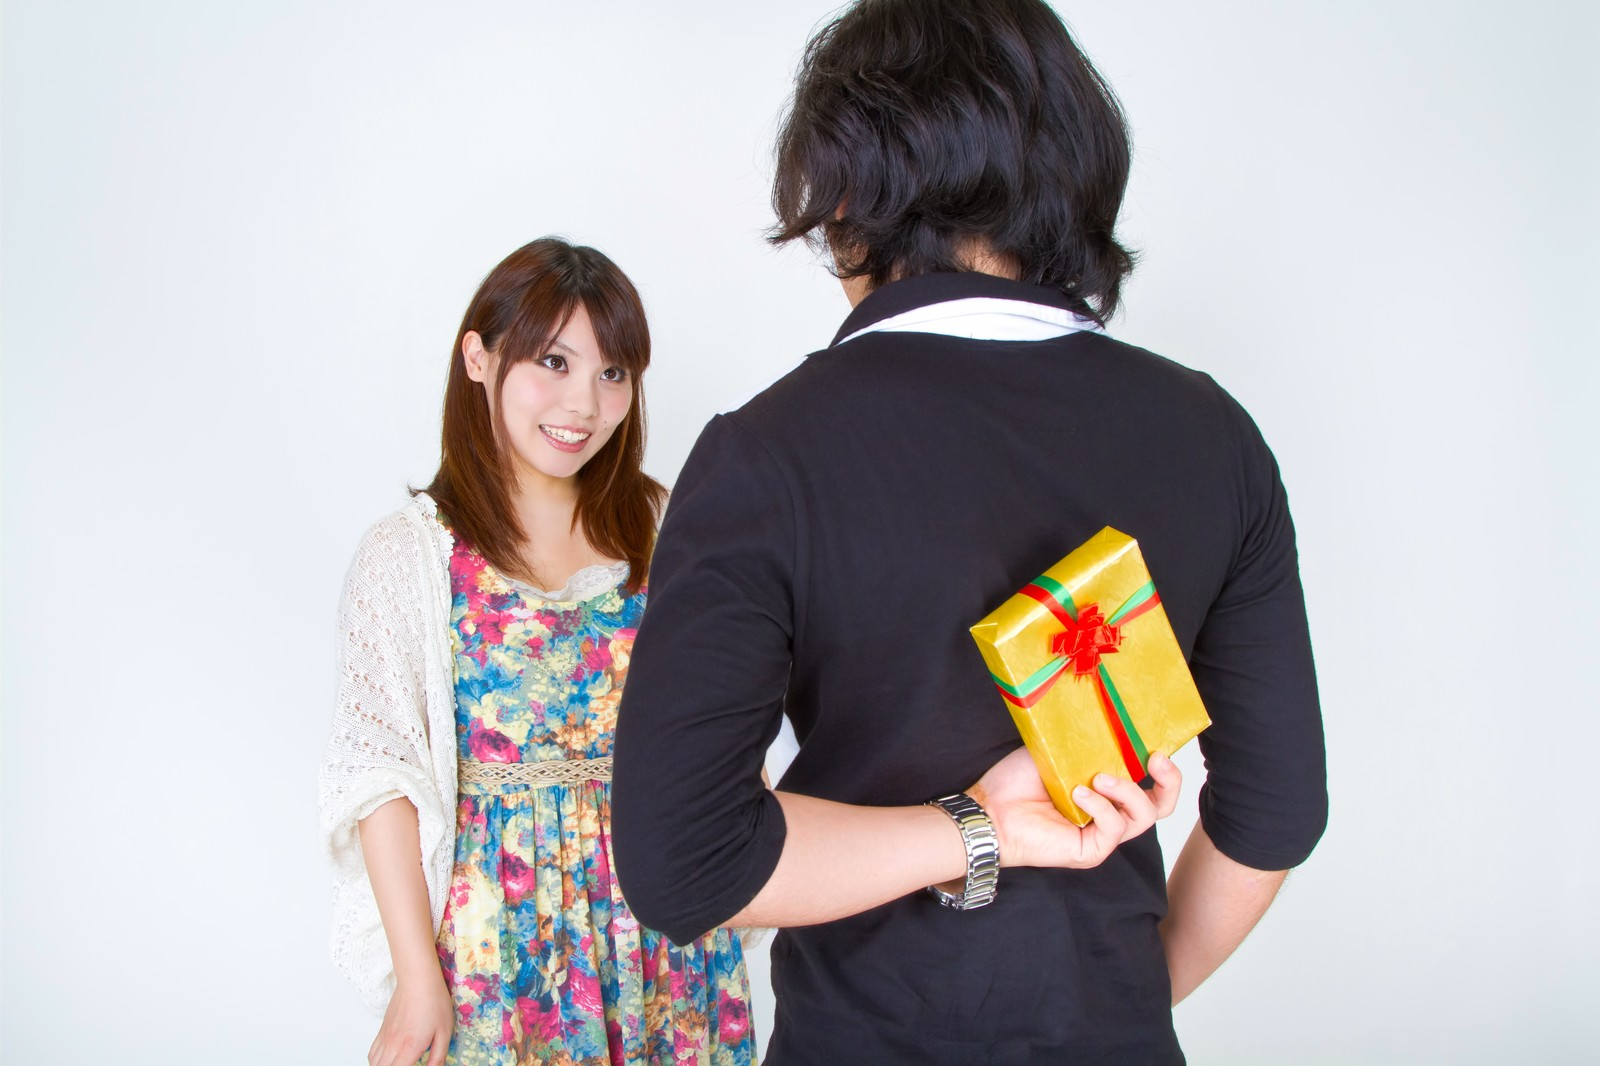 「プレゼントを用意する男性プレゼントを用意する男性」[モデル:マイケルリュー Lala]のフリー写真素材を拡大